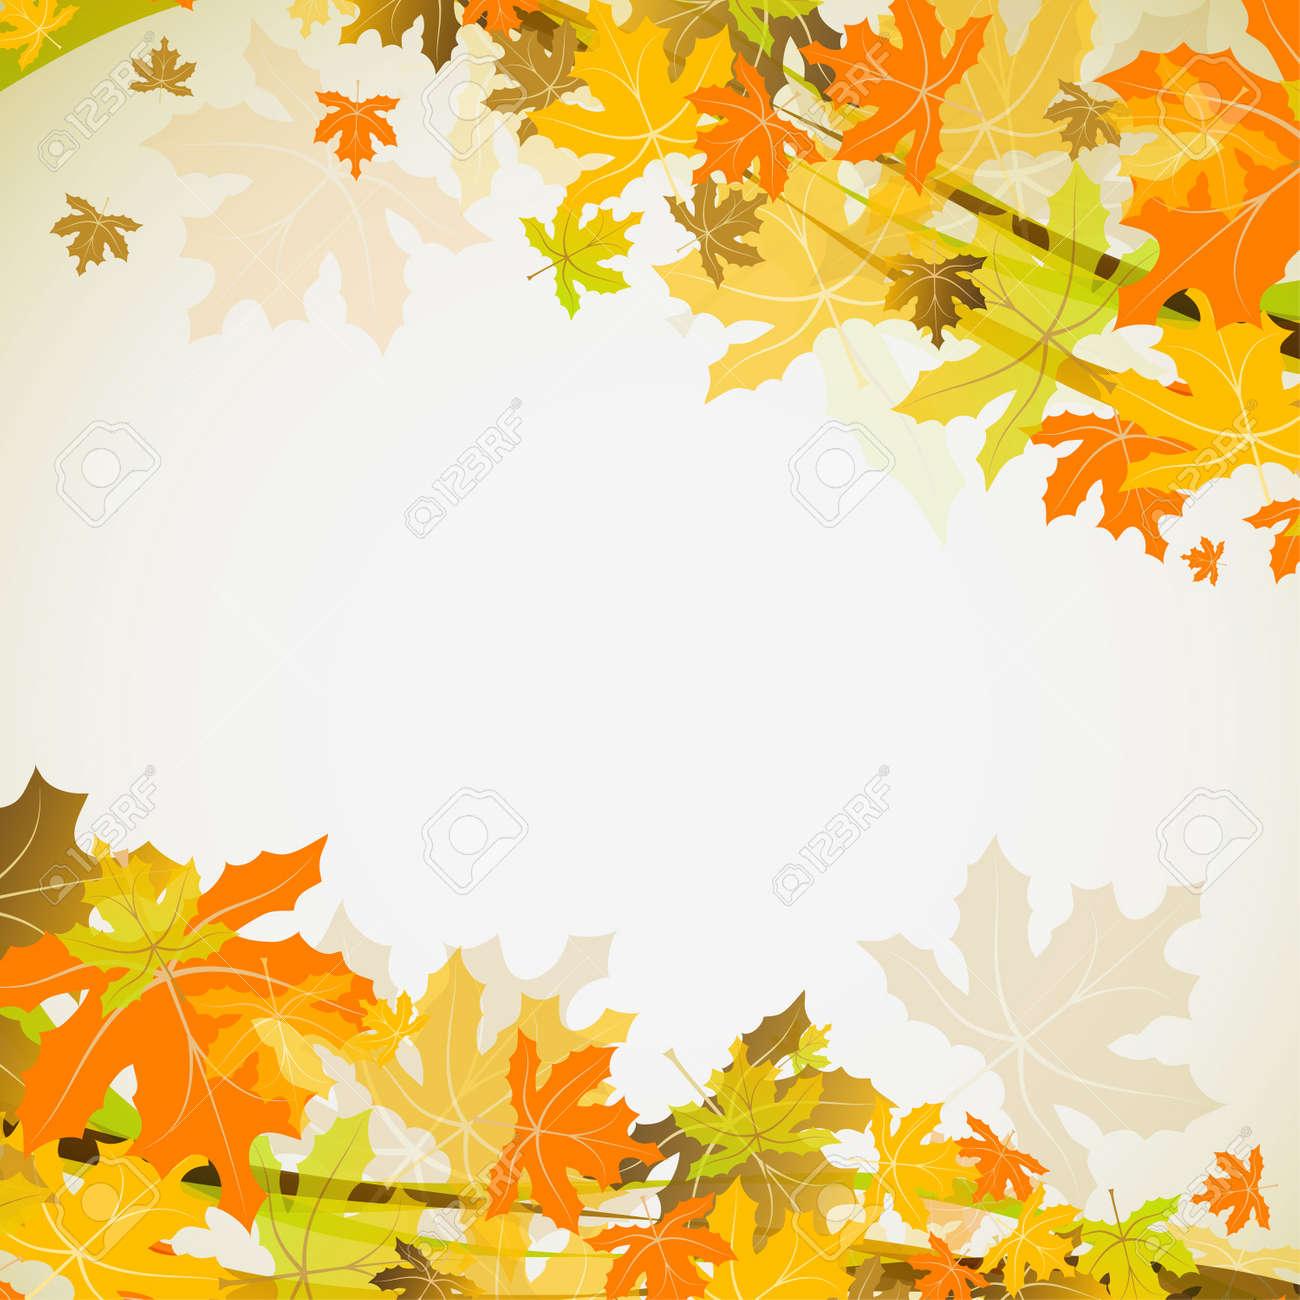 もみじ秋の背景イラストのイラスト素材ベクタ Image 15537882